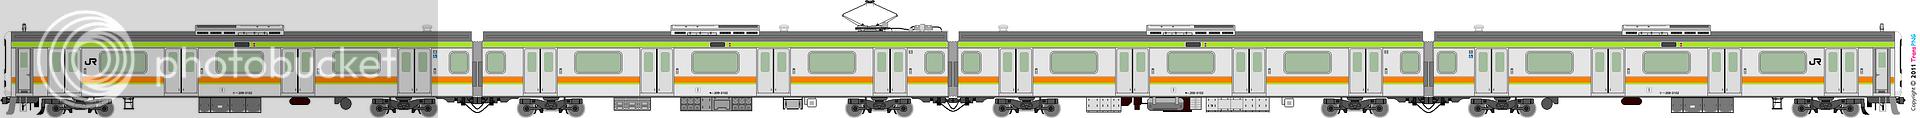 [5530] 東日本旅客鉄道 1930